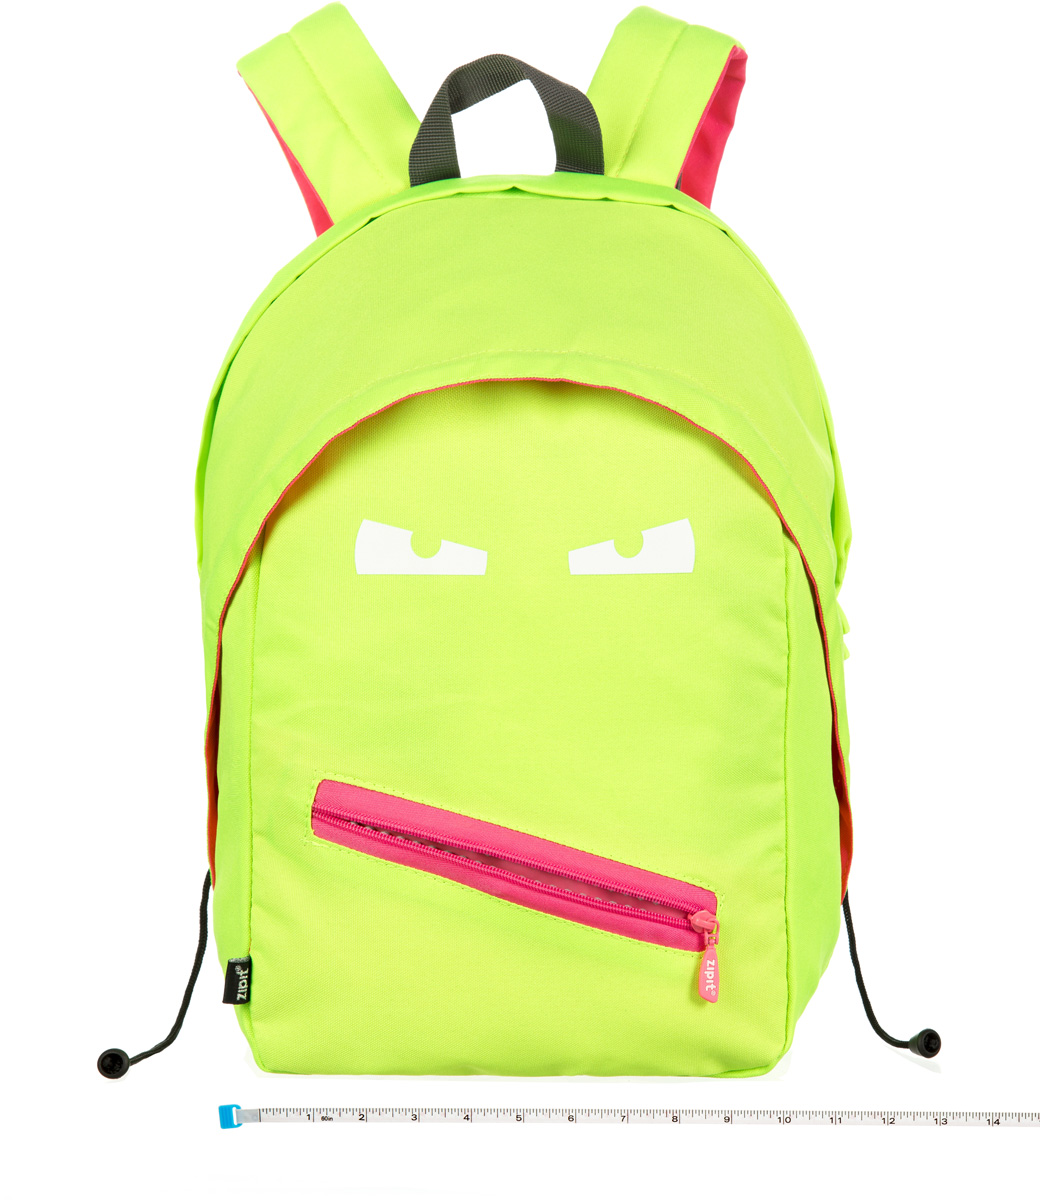 Zipit Рюкзак Grillz Backpacks цвет лайм72523WDКлассный дизайн - с Zipit Grillz рюкзак дети будут с хорошим настроением весь день! Крыша, глаза и растегивающийся рот - это отличает рюкзак от других! У рюкзака одно основное отделение и один маленький внешний карман. Мягкая спинка и регулируемые мягкие ремни - все, что нужно для комфорта!